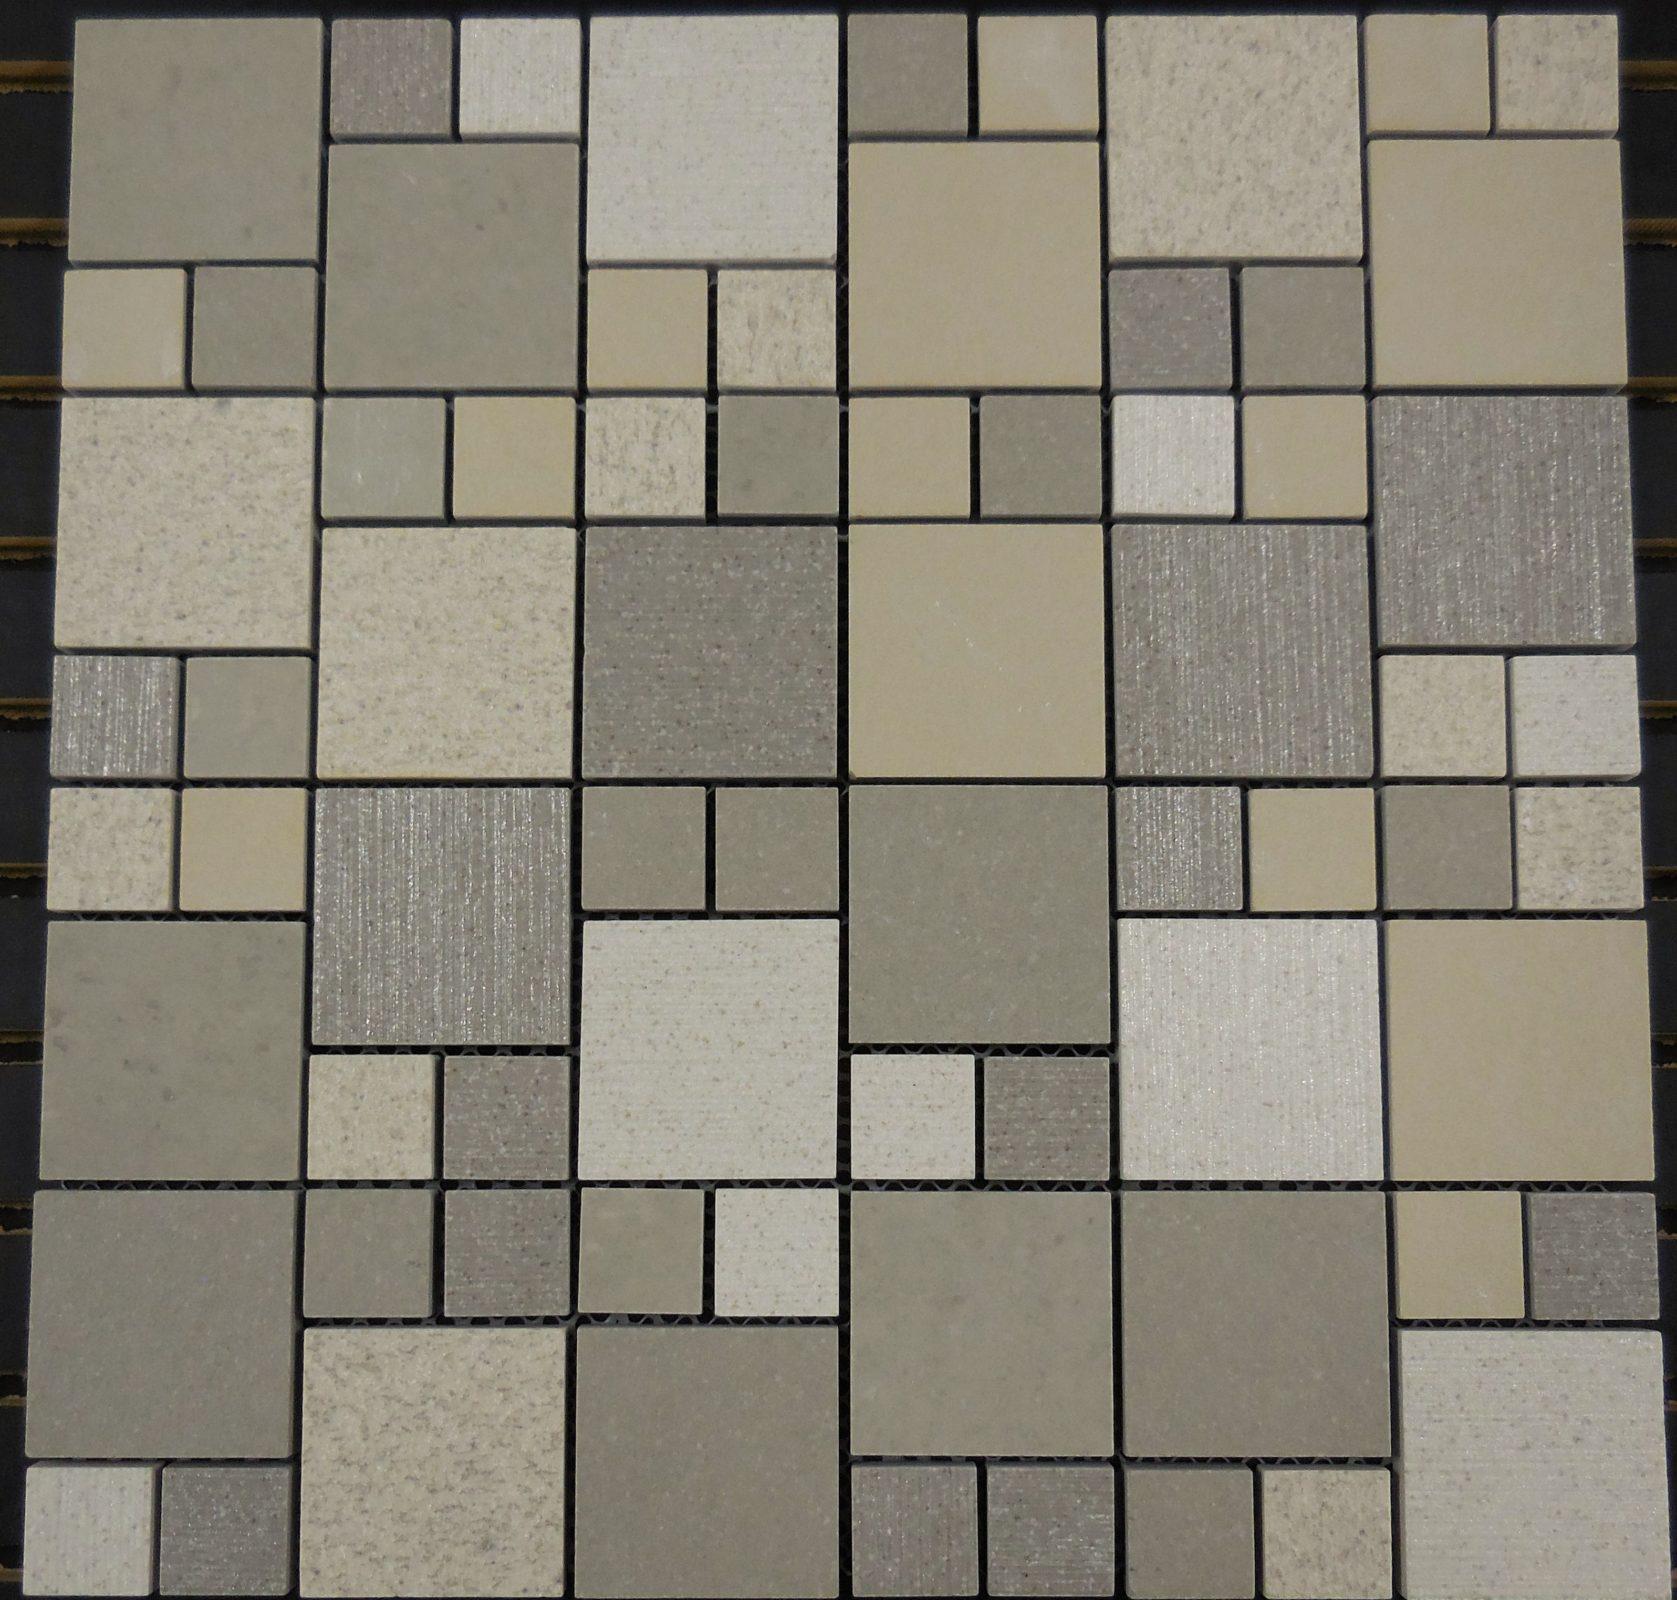 Ptm3033 Porcelain Mosaic Sand Versailles 1 Amp 2 Block